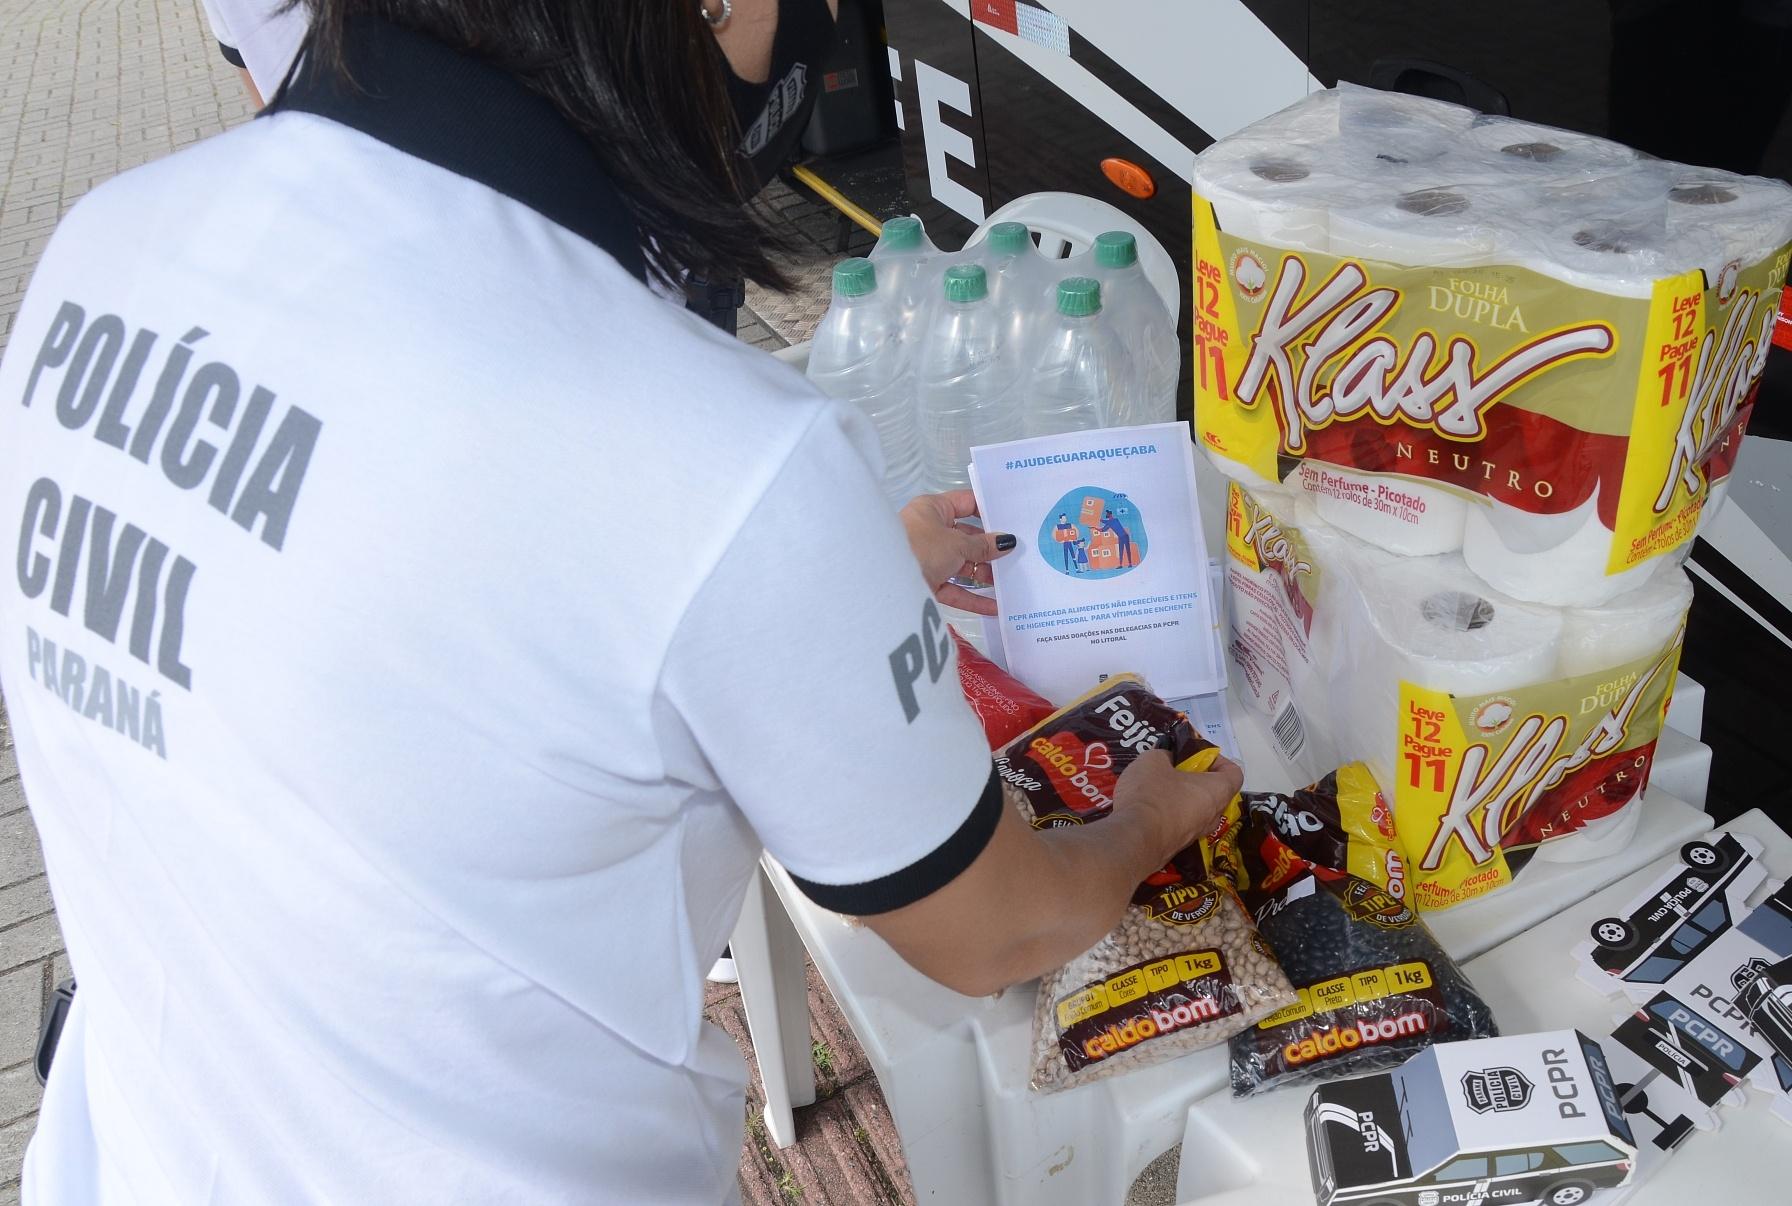 PCPR arrecada doações para vítimas de enchentes em Guaraqueçaba